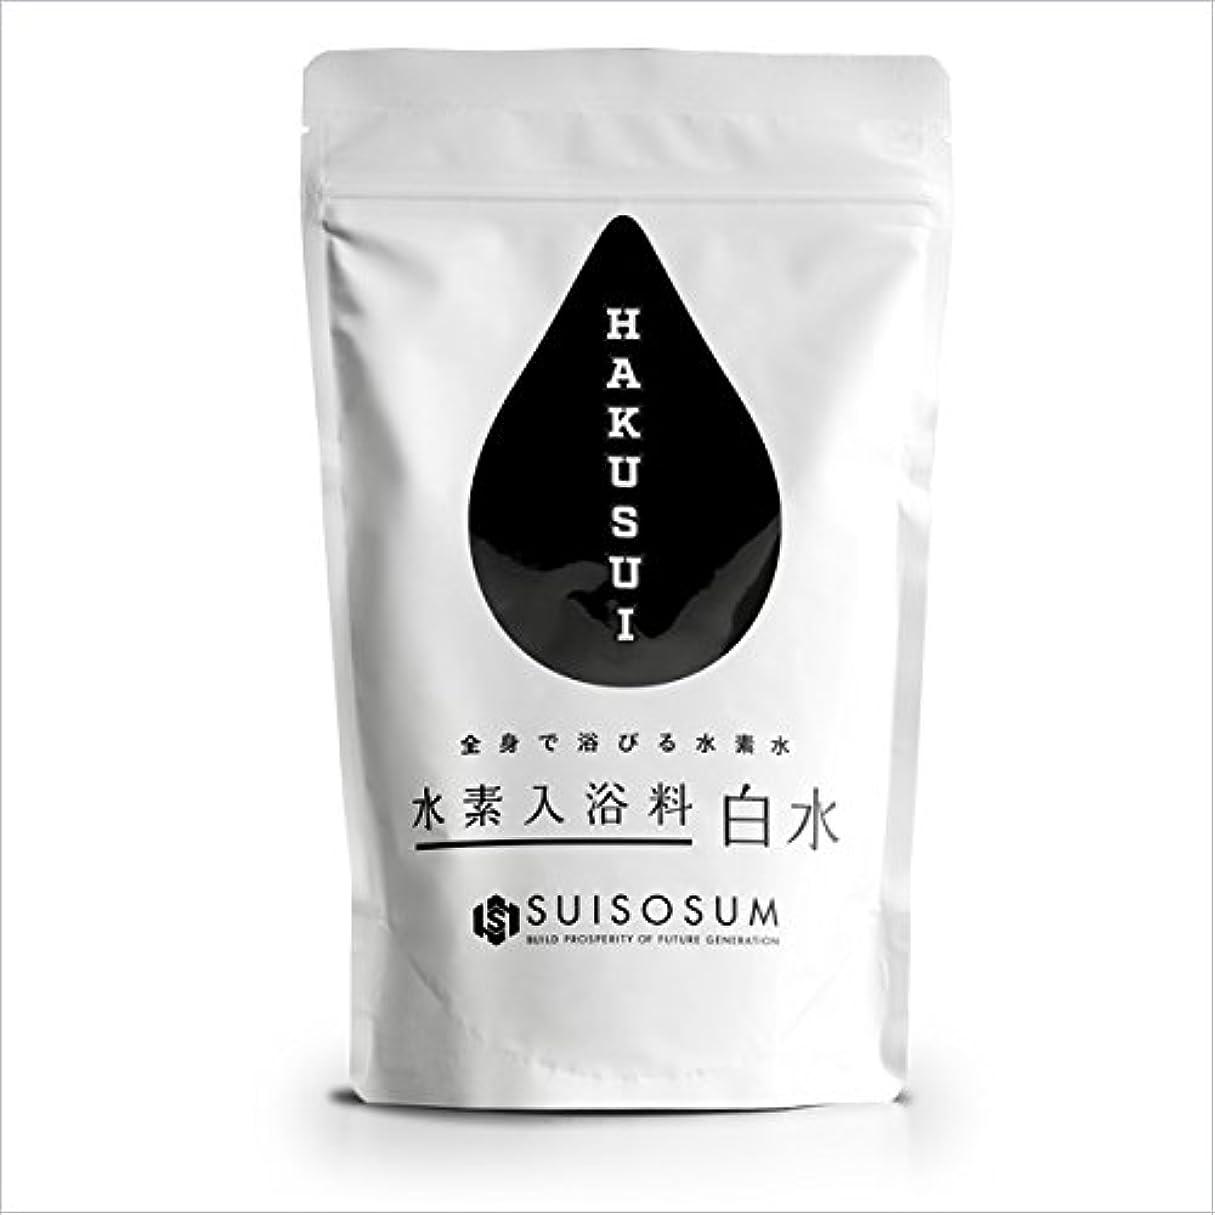 商業の並外れて尋ねる【HAKUSUI】水素入浴料 白水(750g)